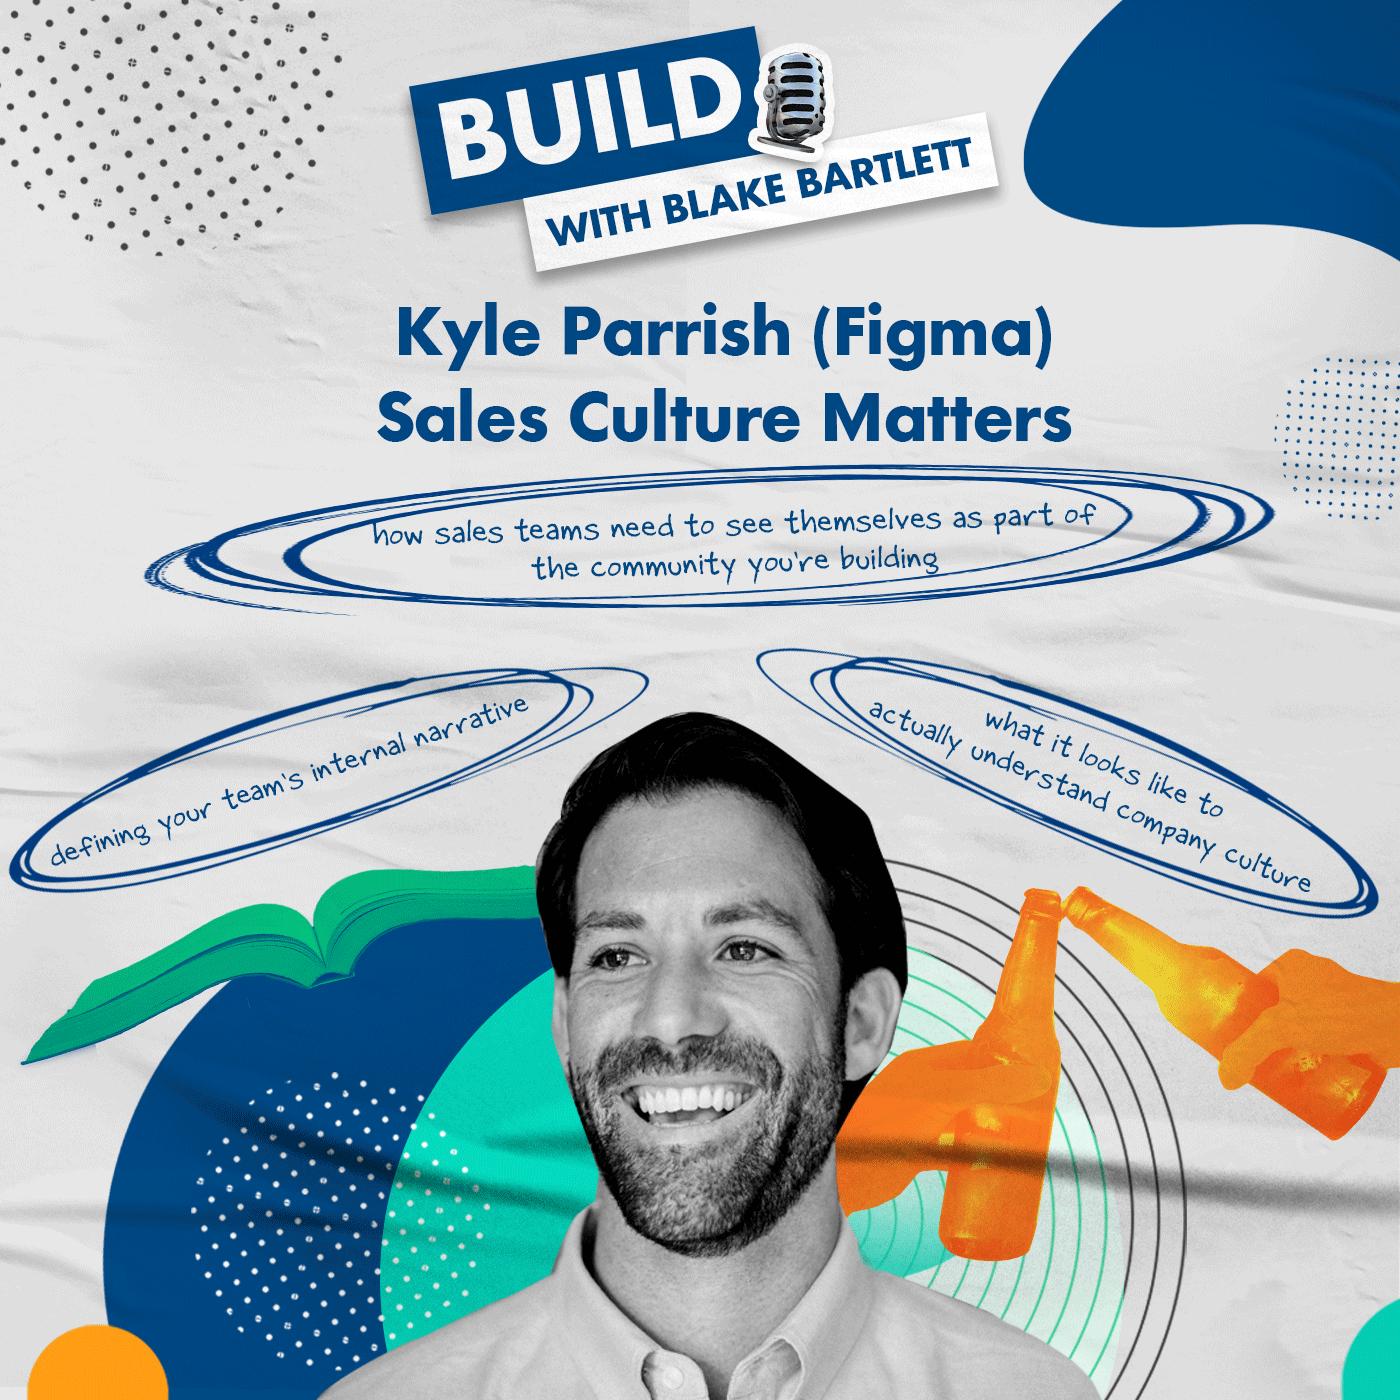 Kyle Parrish (Figma): Sales Culture Matters